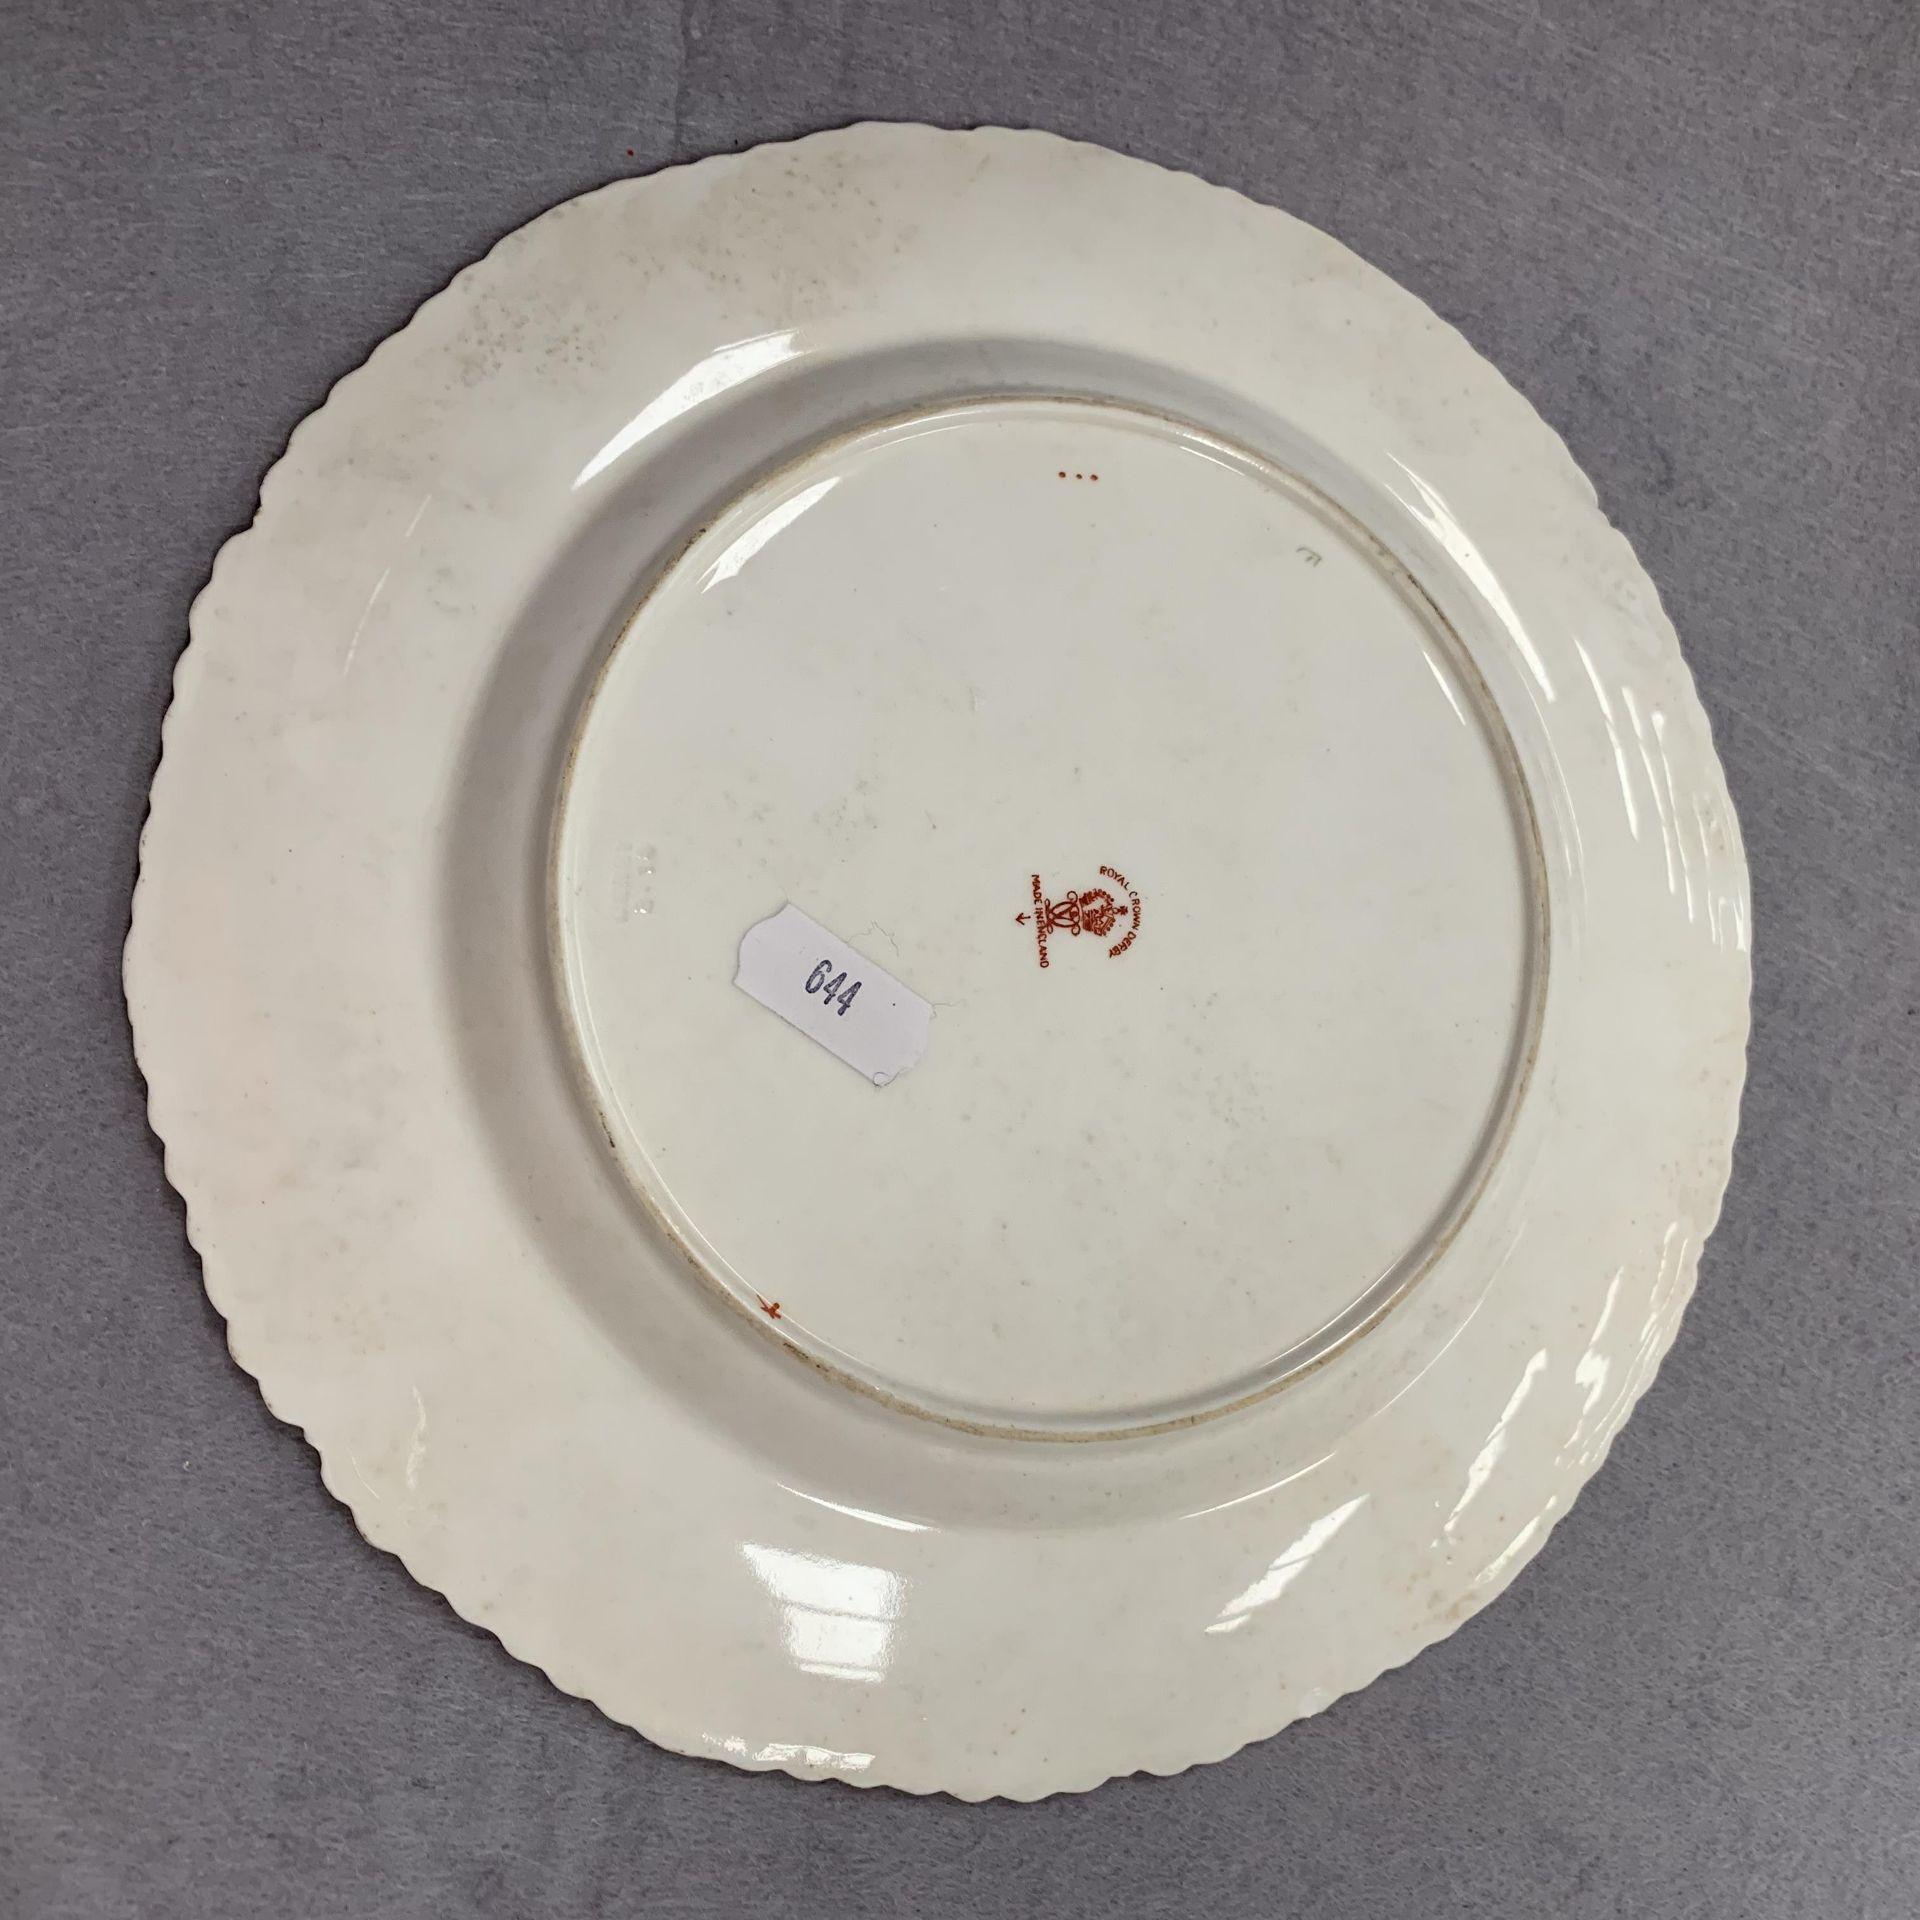 Lot 28 - Royal Crown Derby plate - 22½cmdiameter.